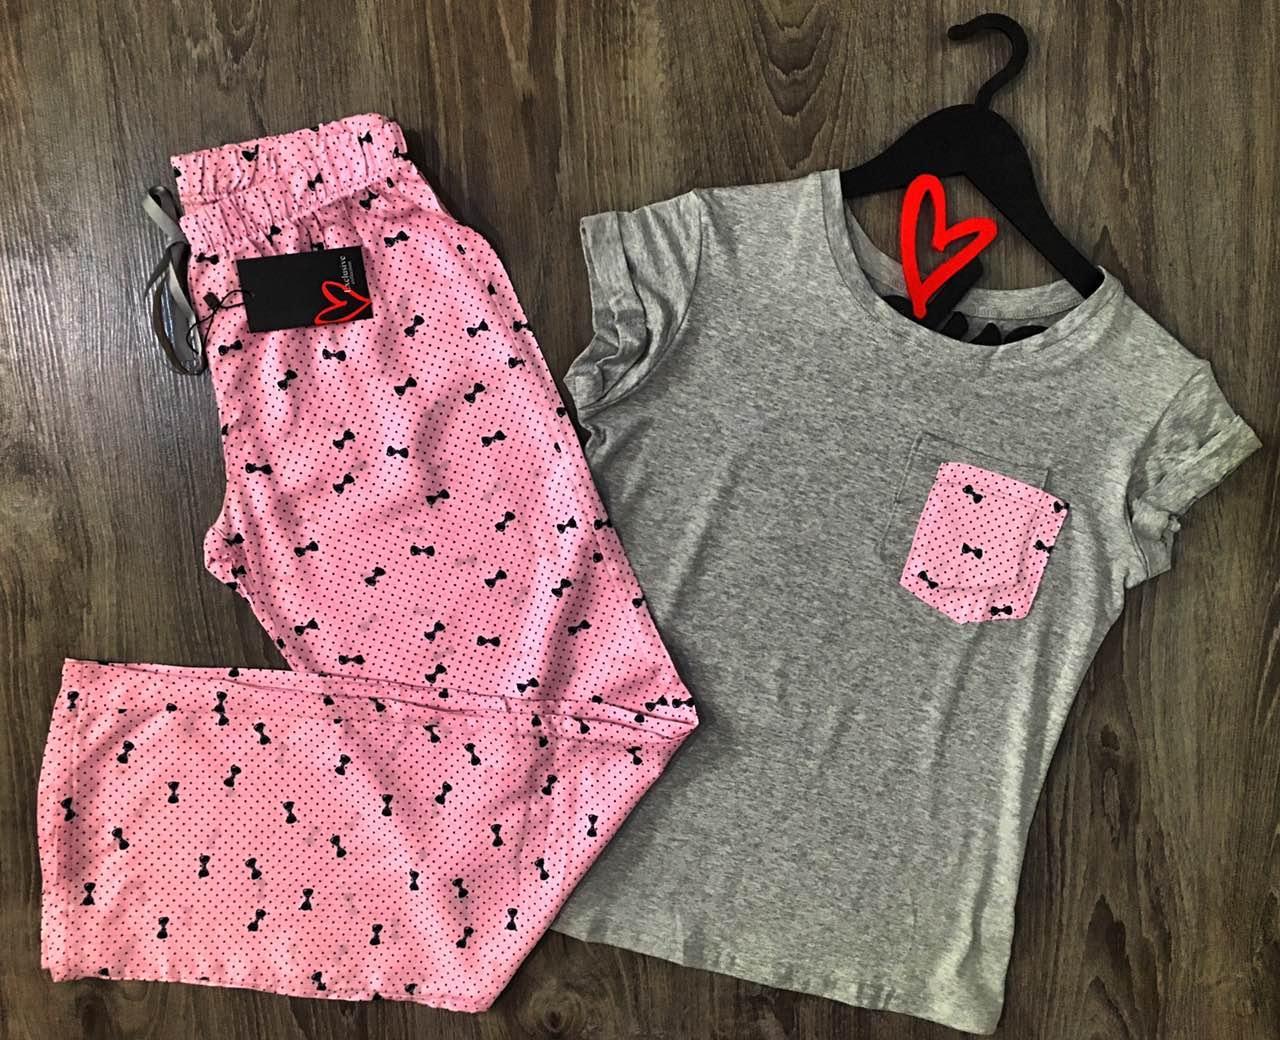 Хлопковый комплект для дома штаны+футболка.